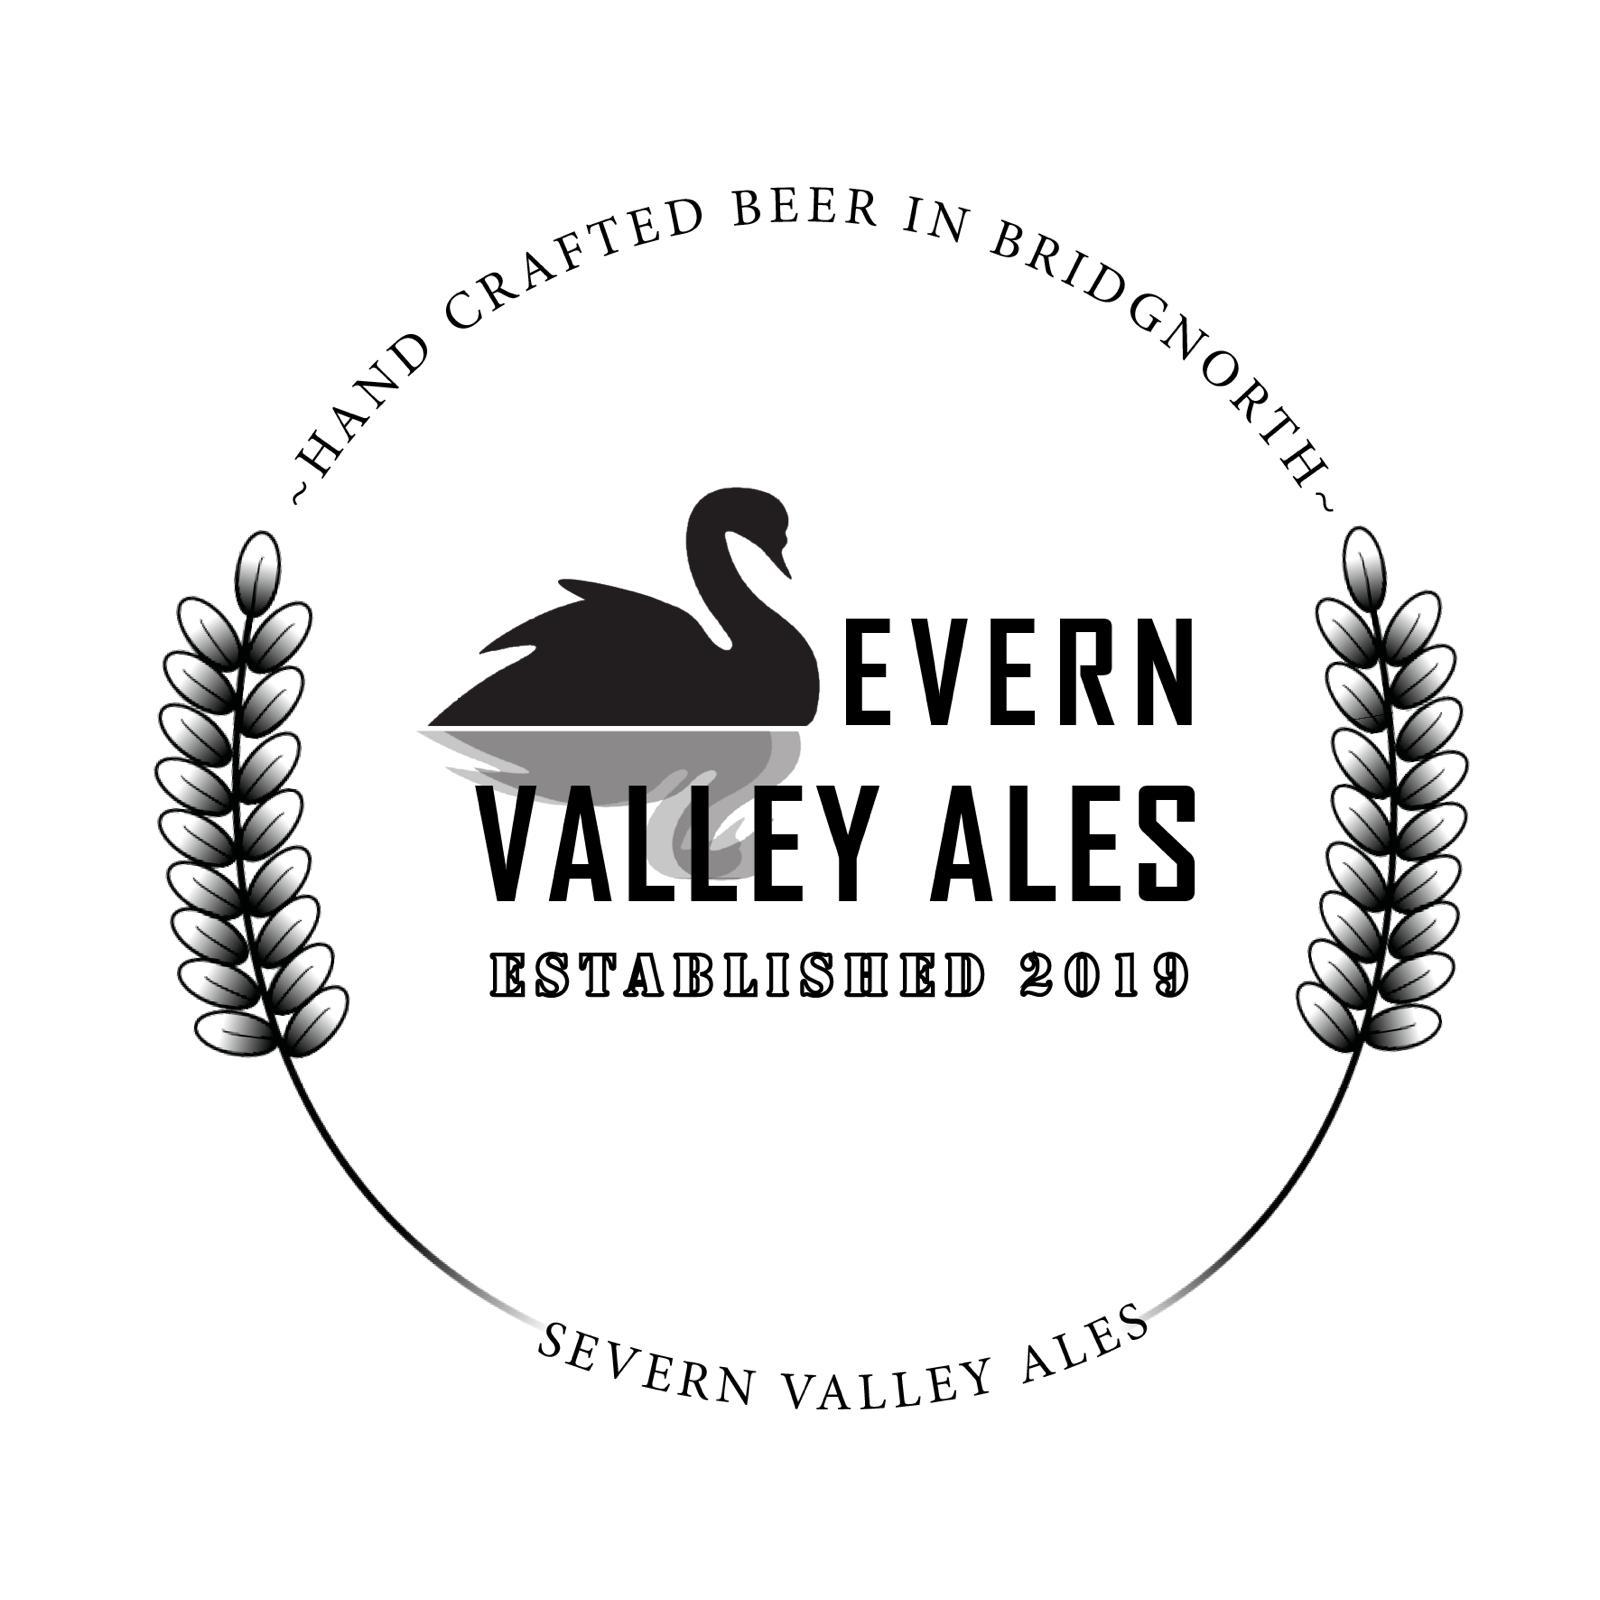 Severn Valley Ales